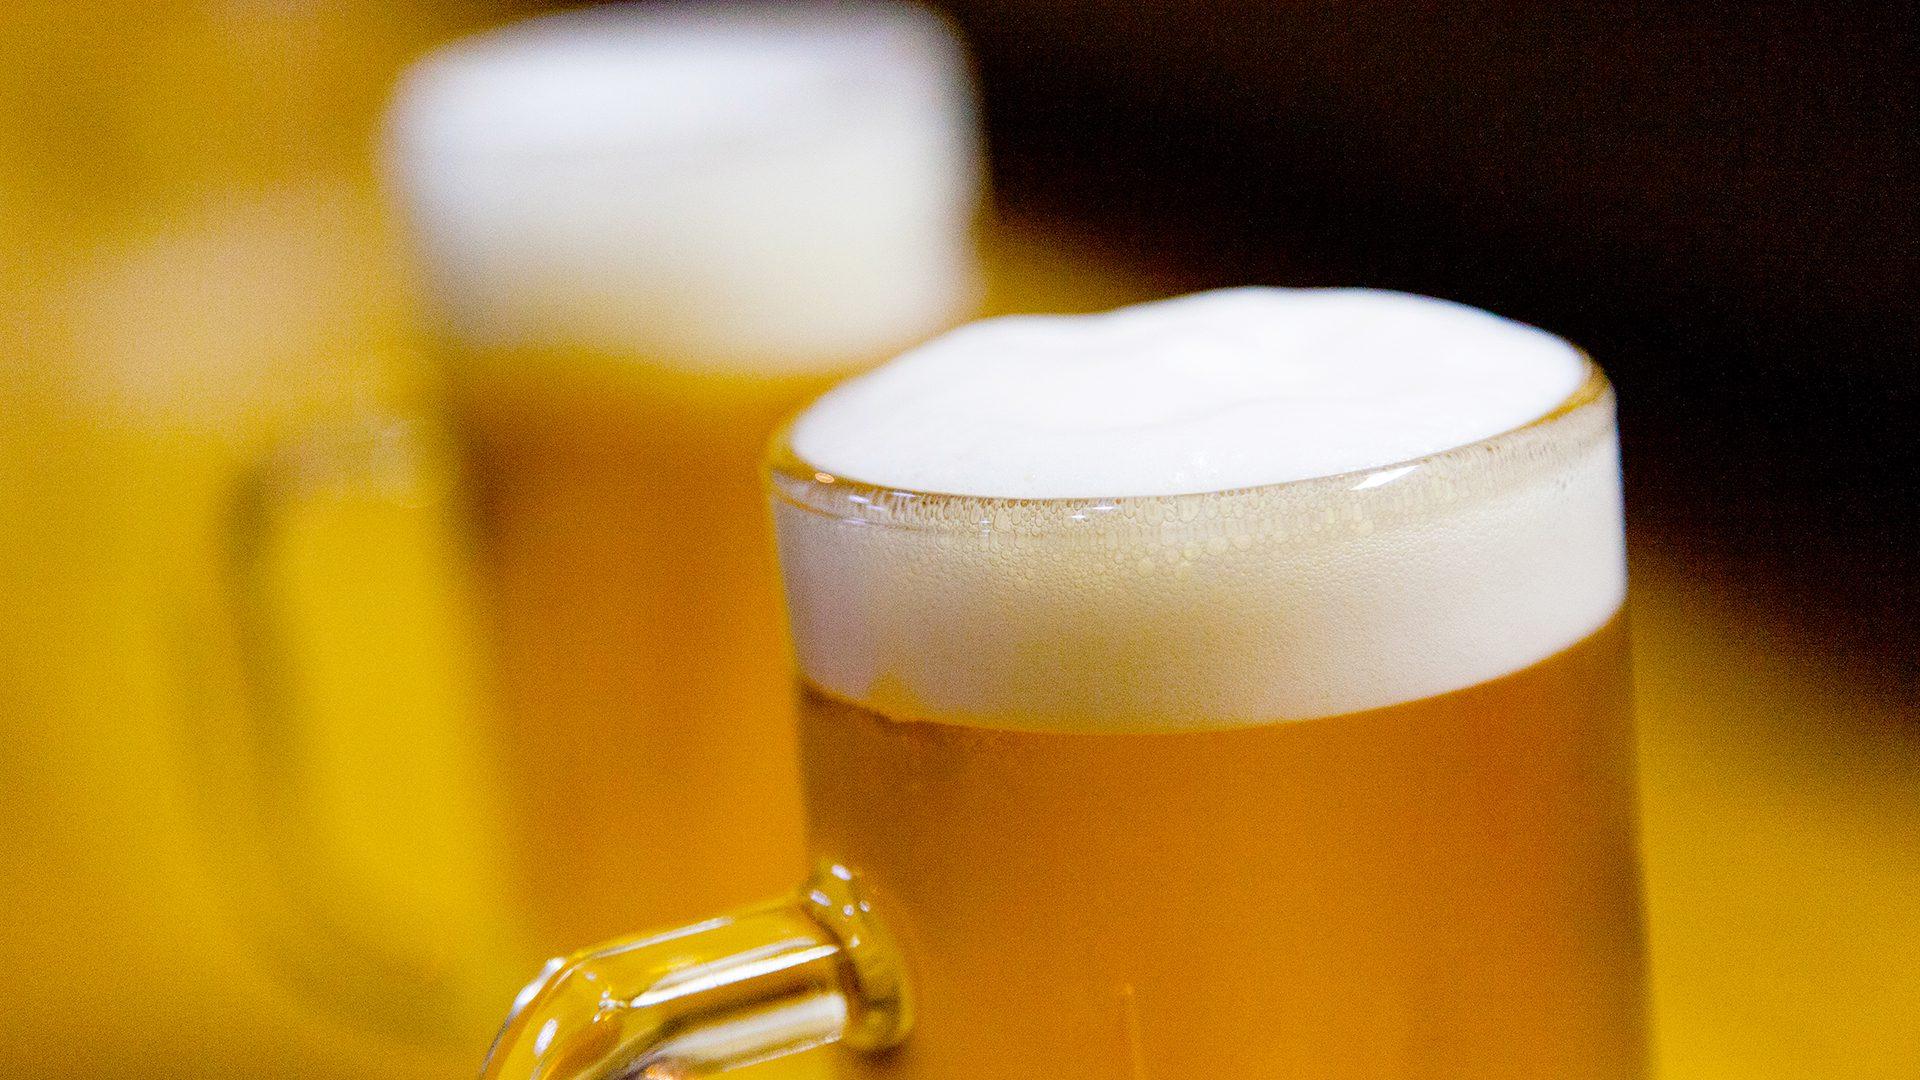 湯上りグビグビ~っと生ビール1名様1杯お付けいたします。